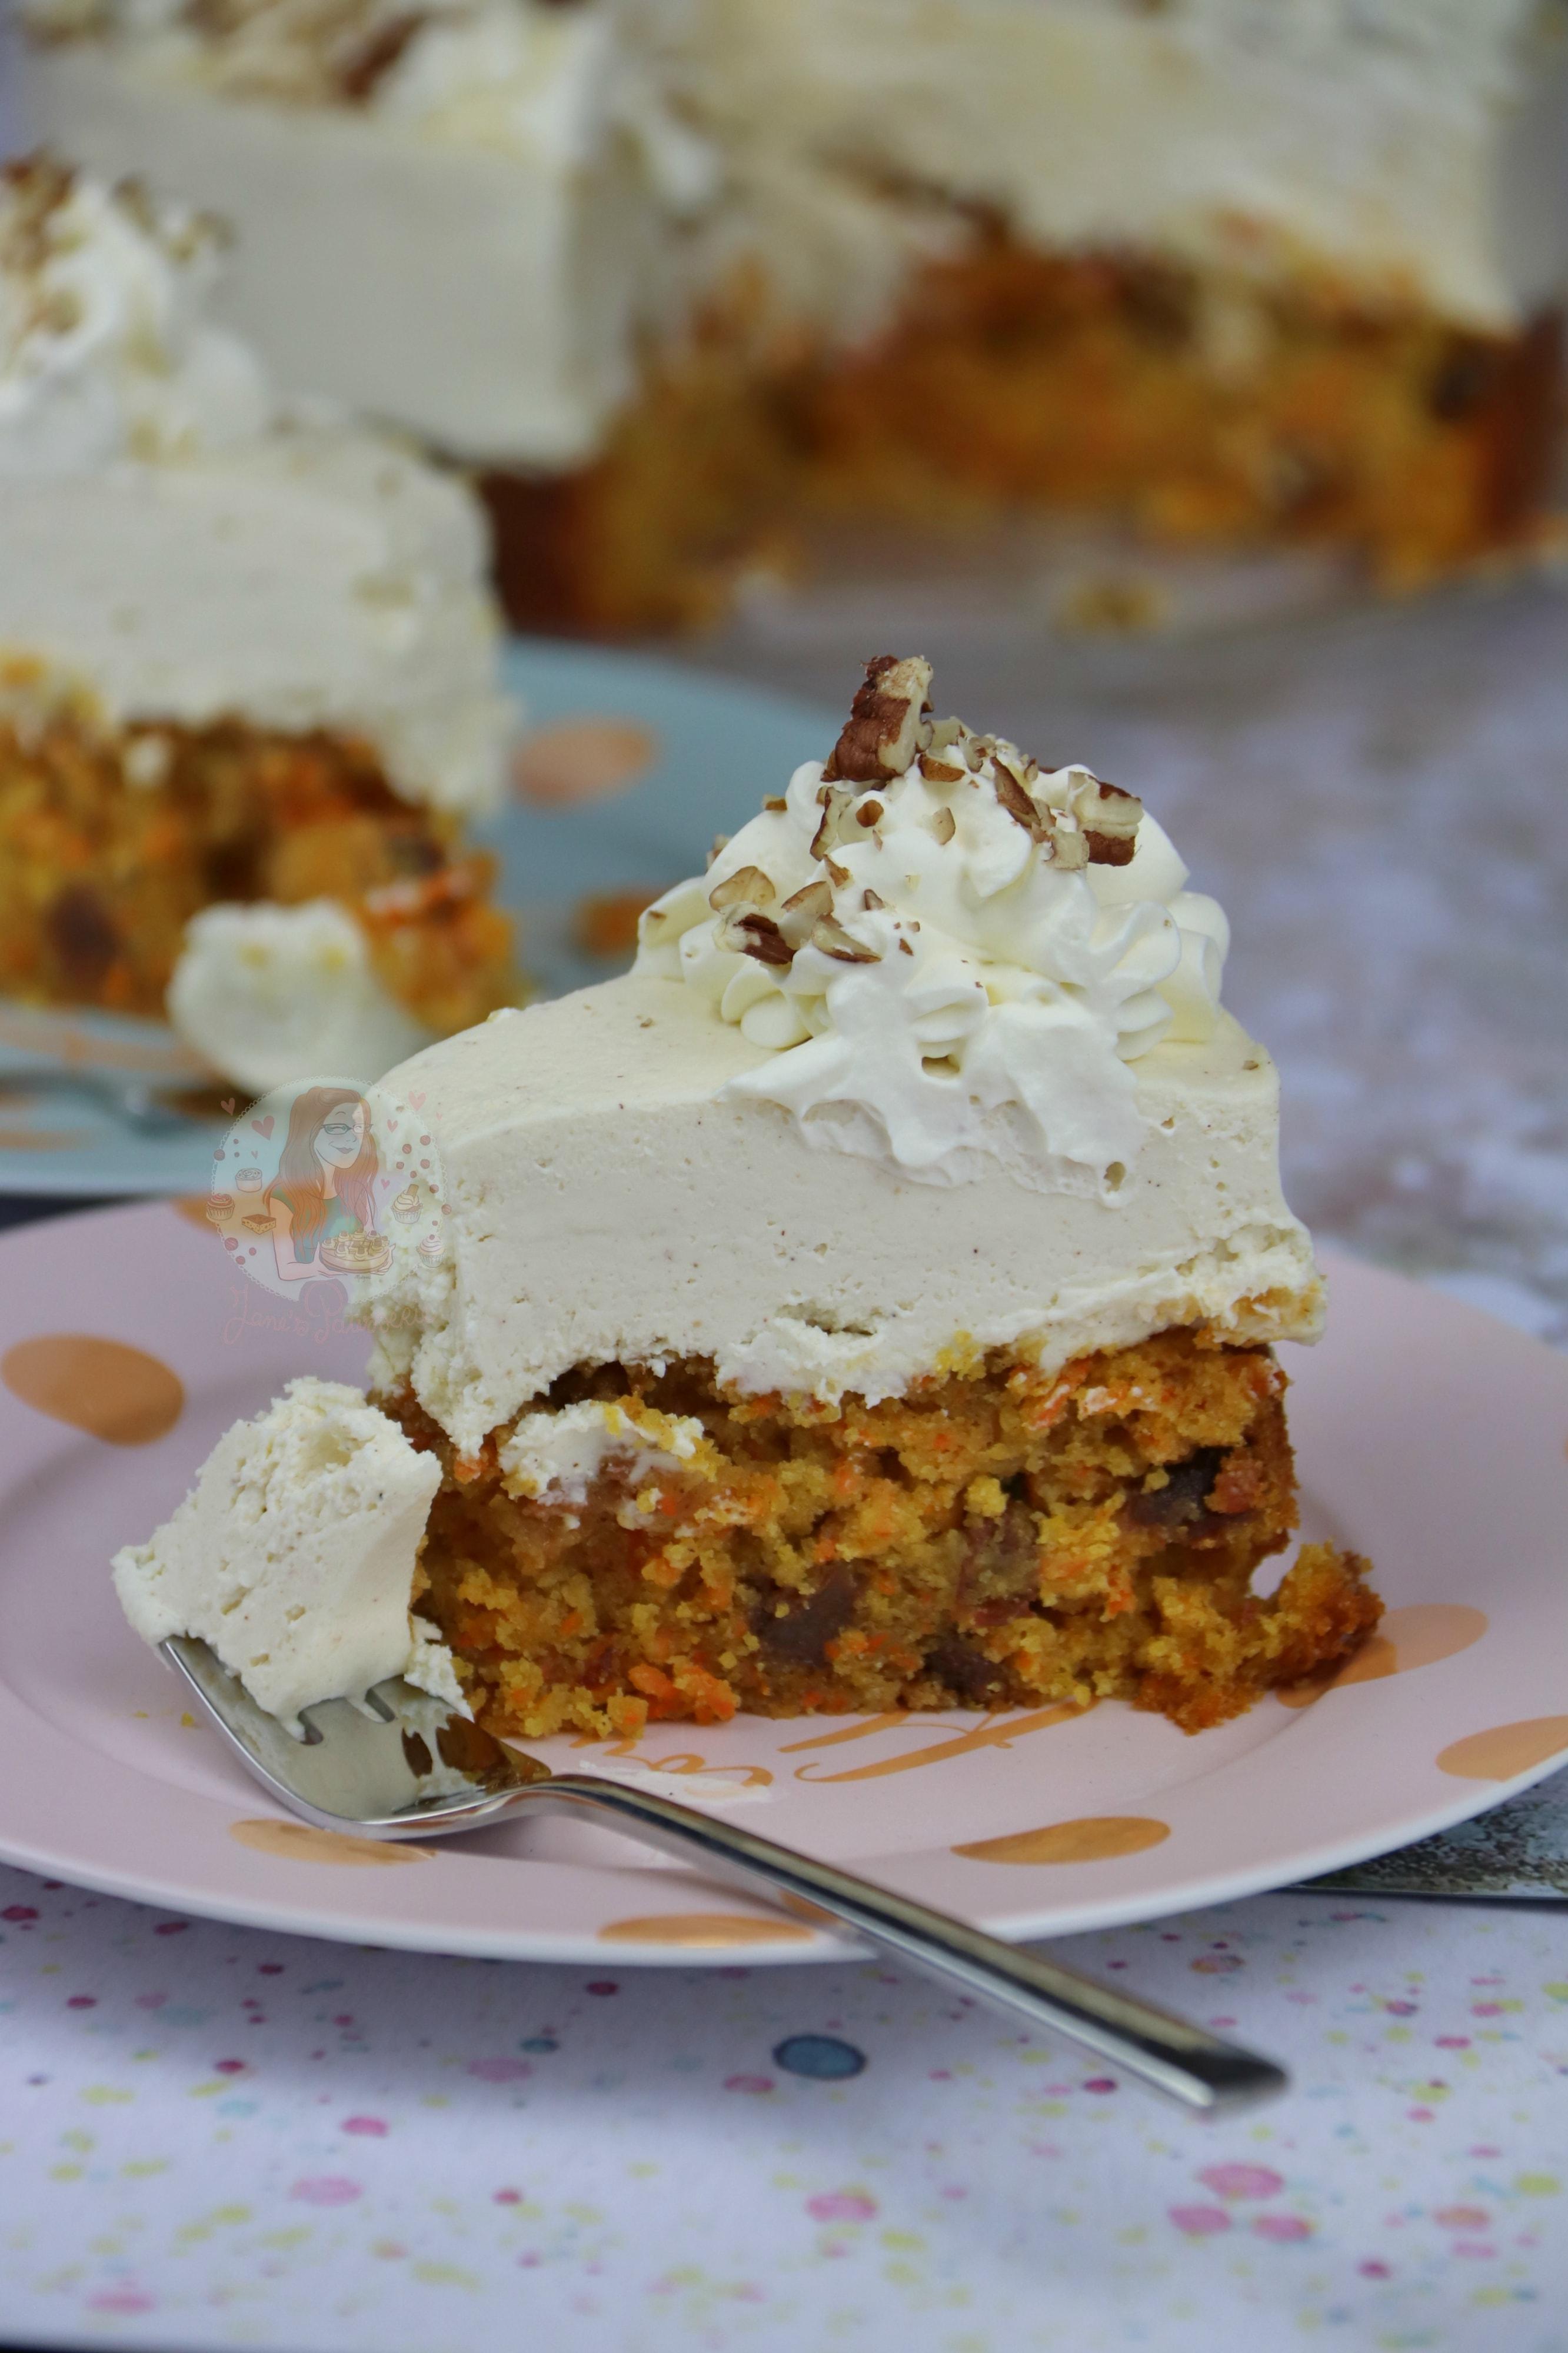 Jane S Patisserie Carrot Cake